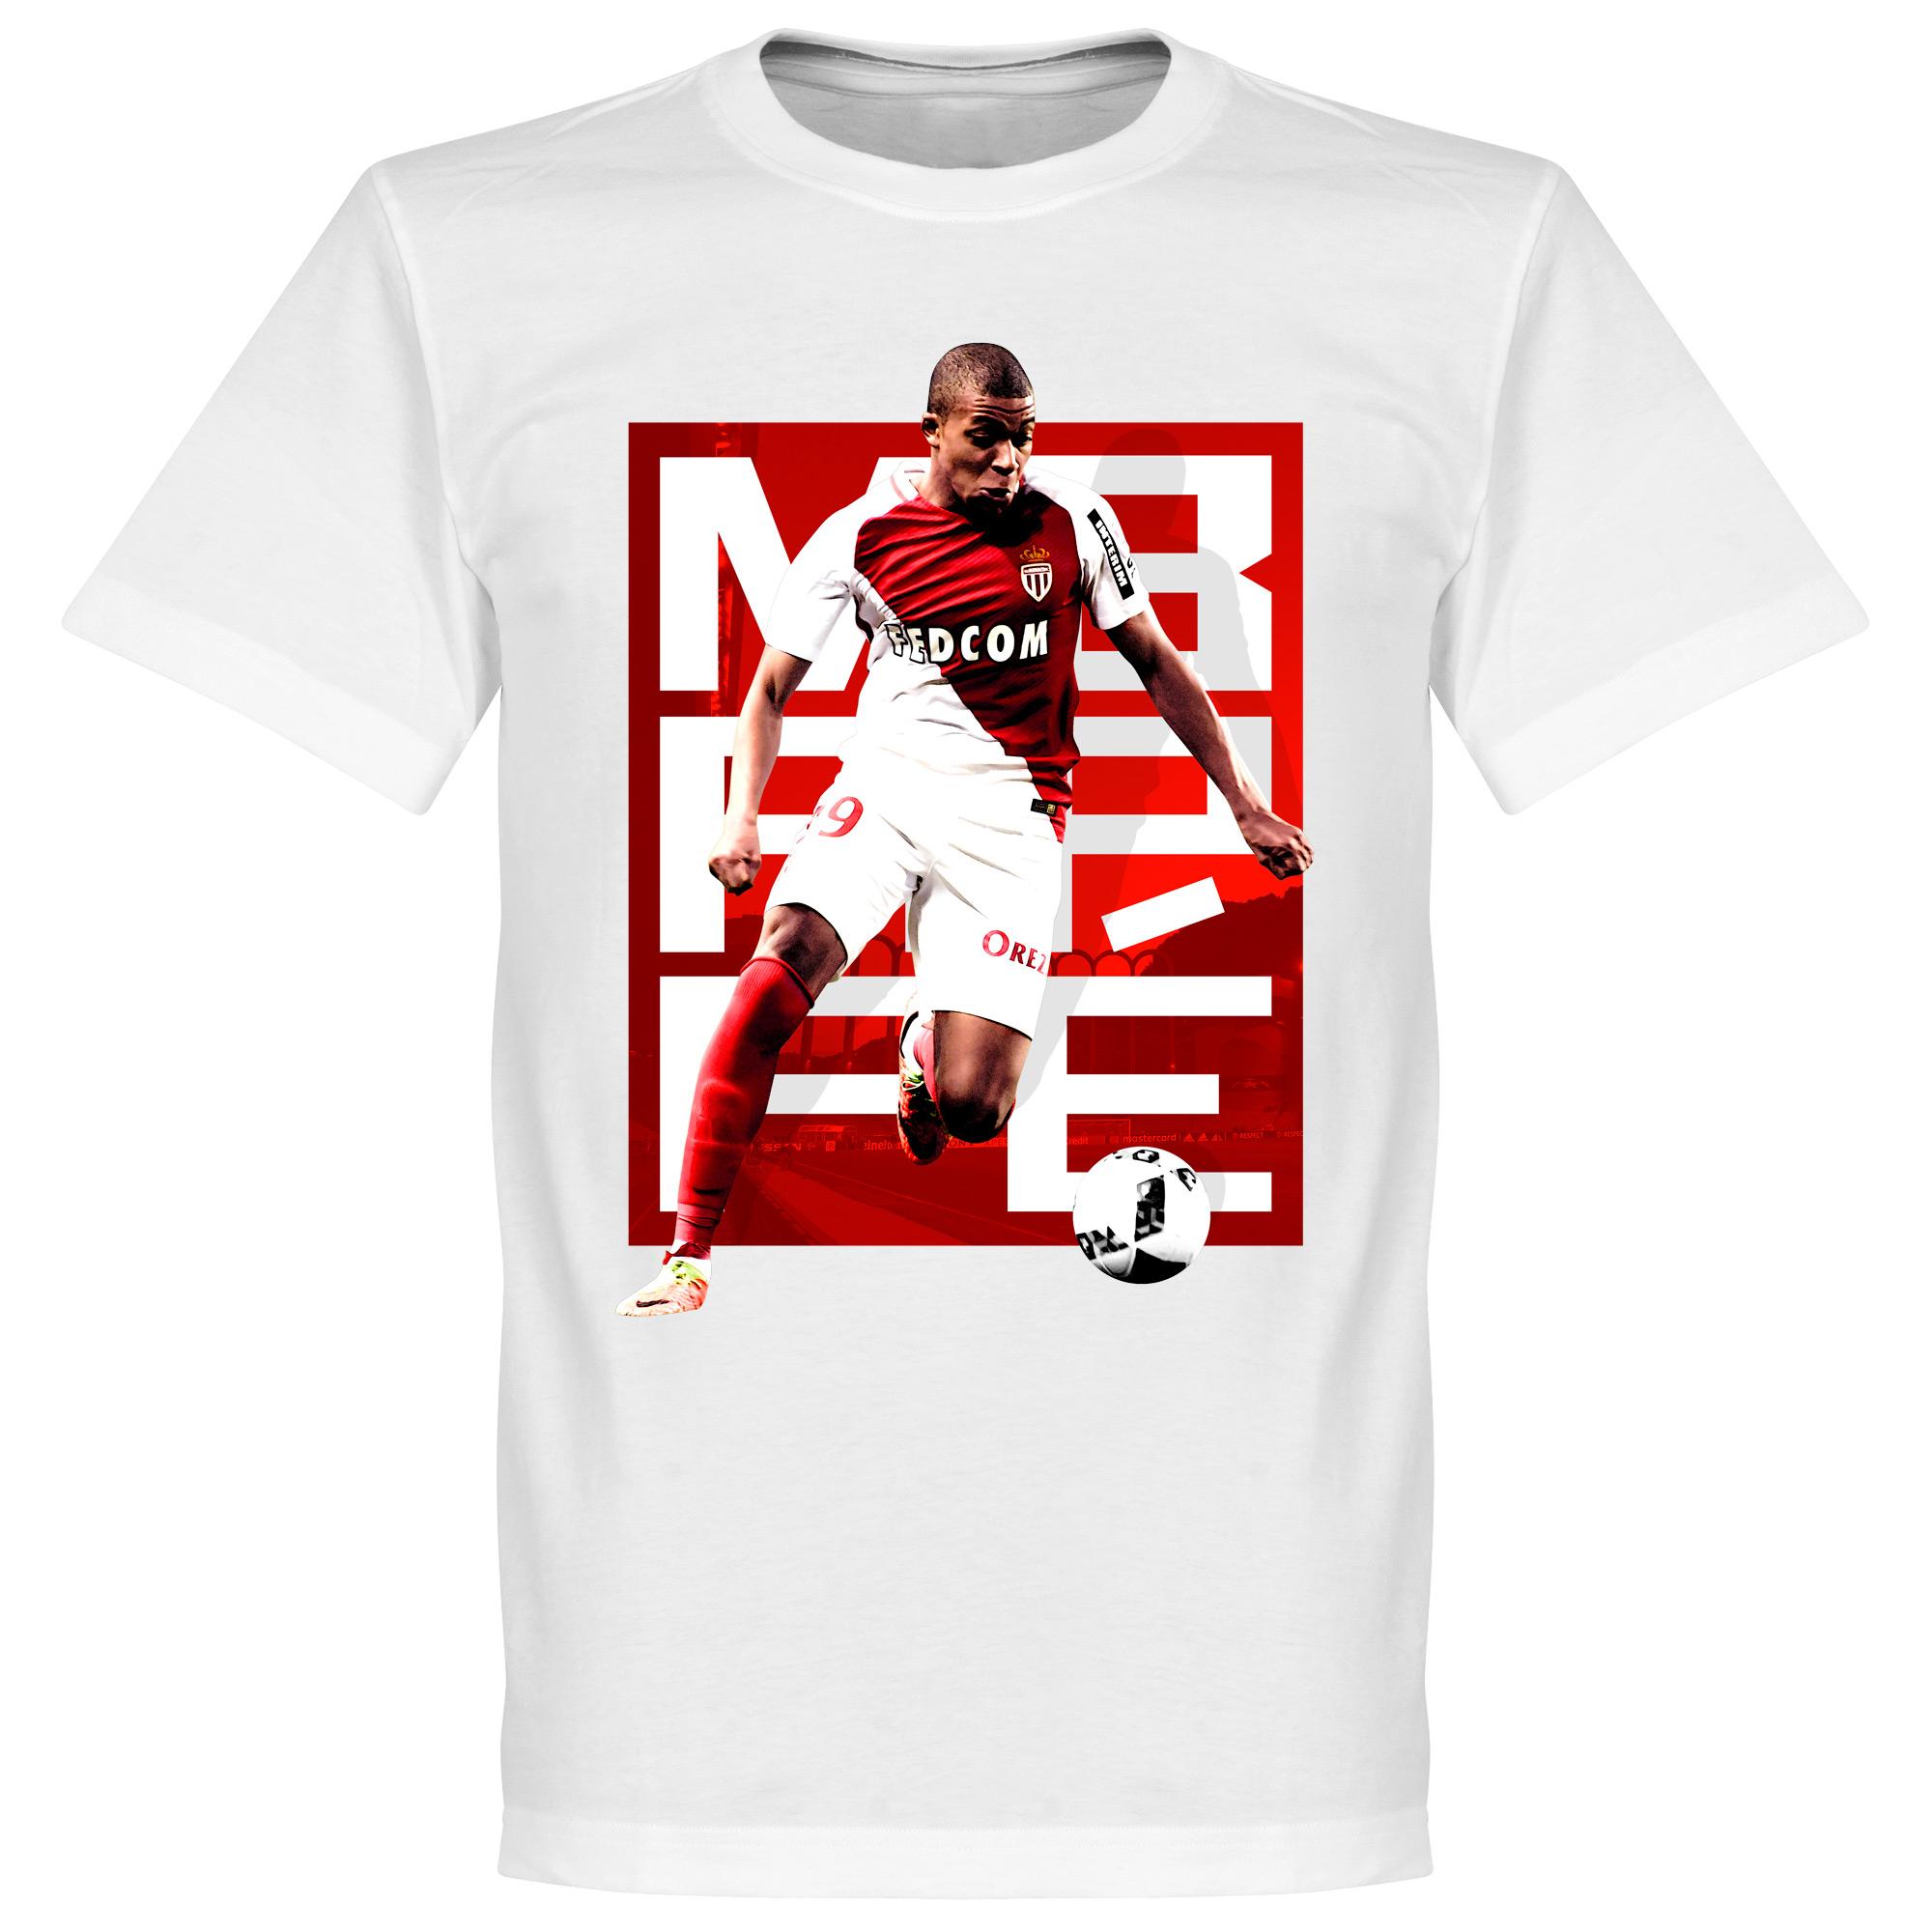 Mbappe Monaco Tee - White - XXXXXL